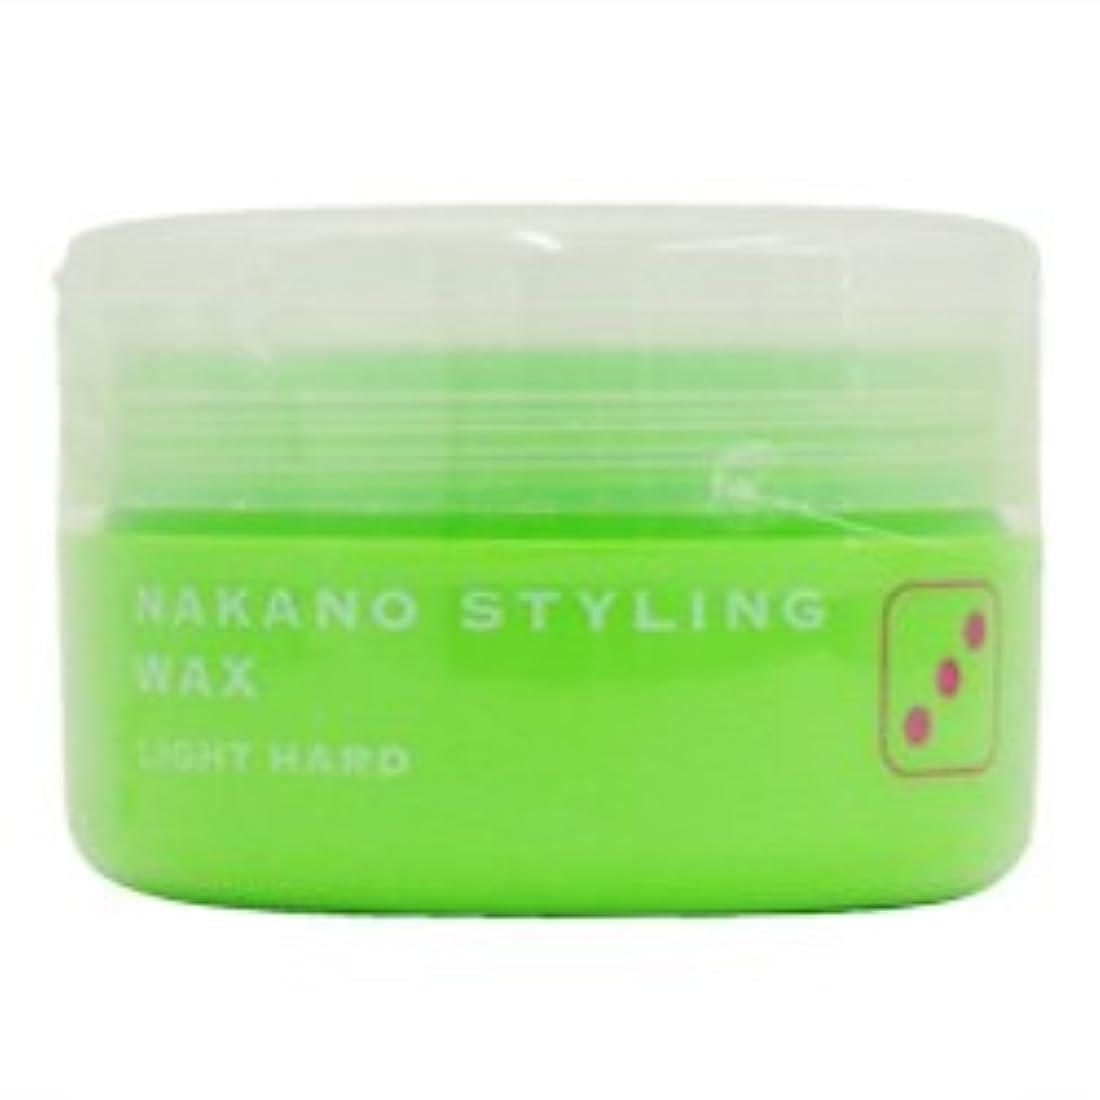 風刺レガシーマラドロイトナカノ スタイリングワックス 3 ライトハード 90g 中野製薬 NAKANO